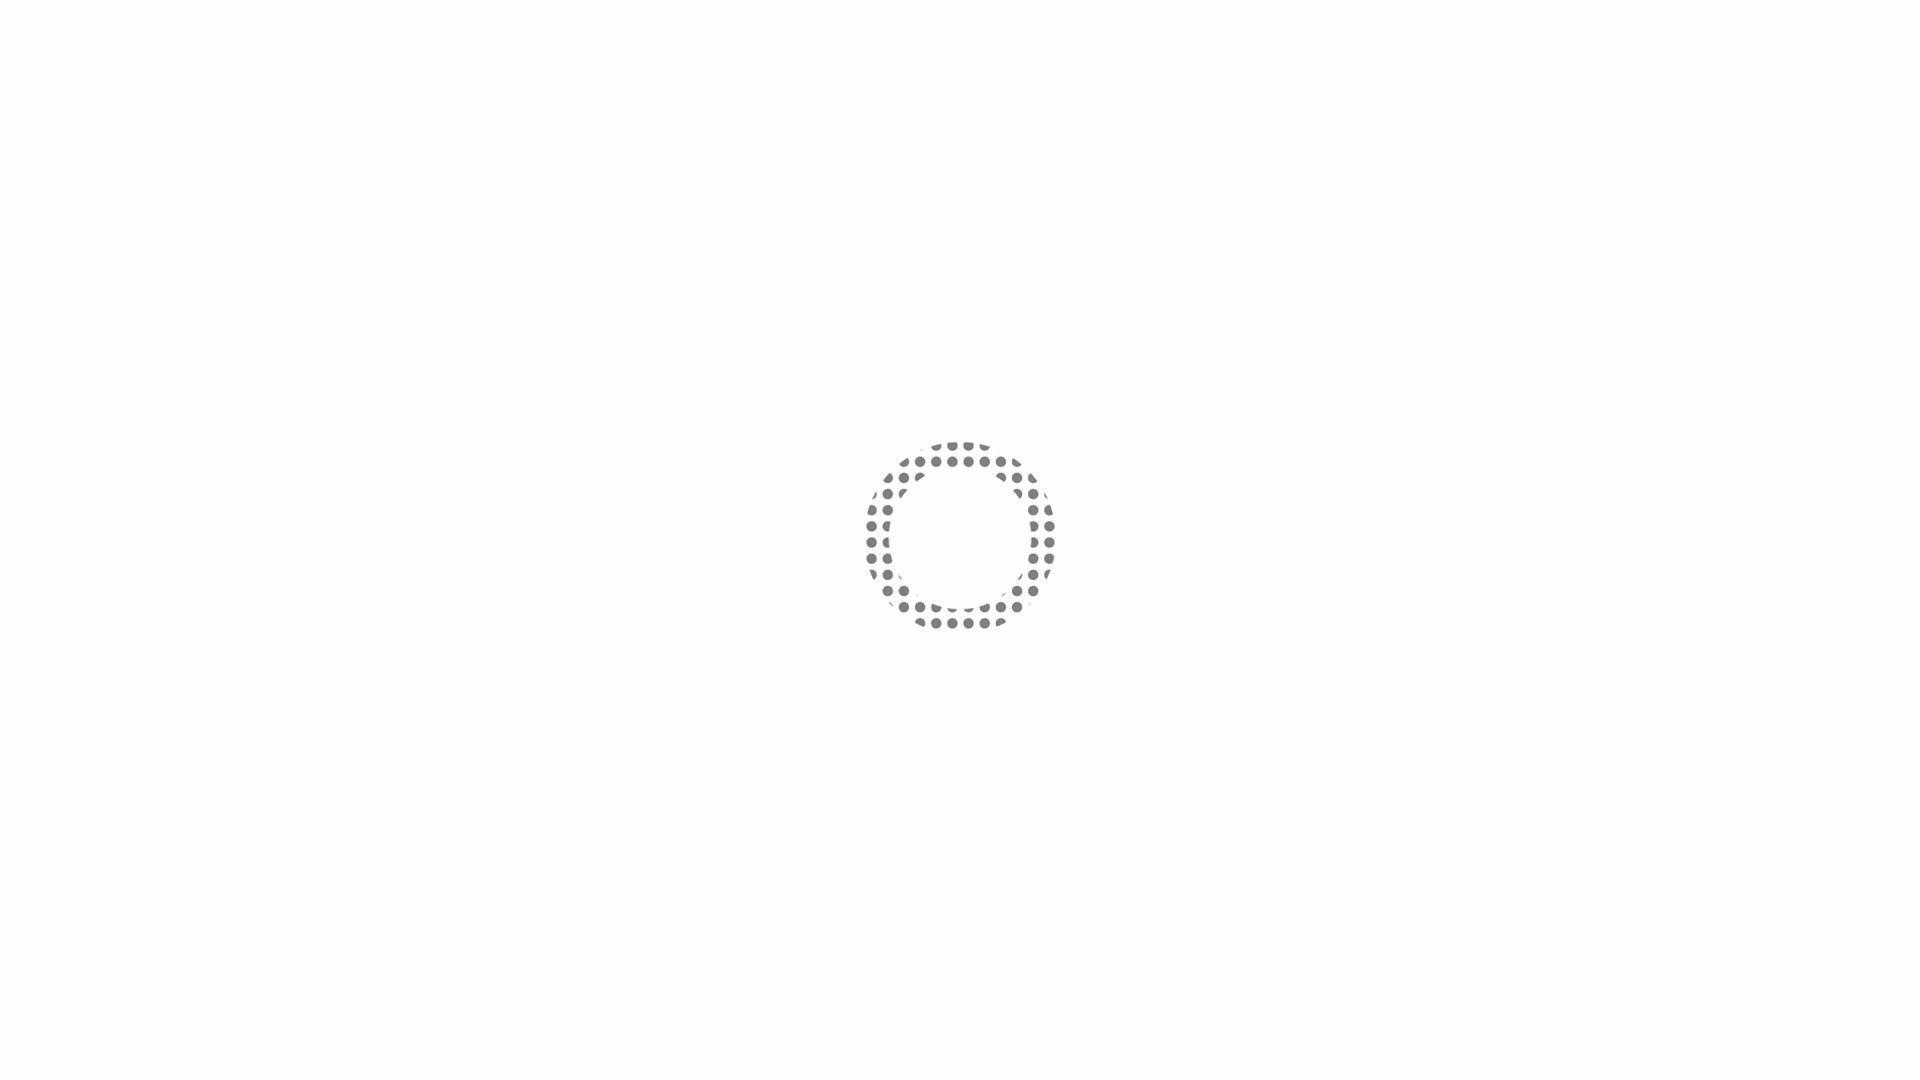 圆点转场过渡素材3